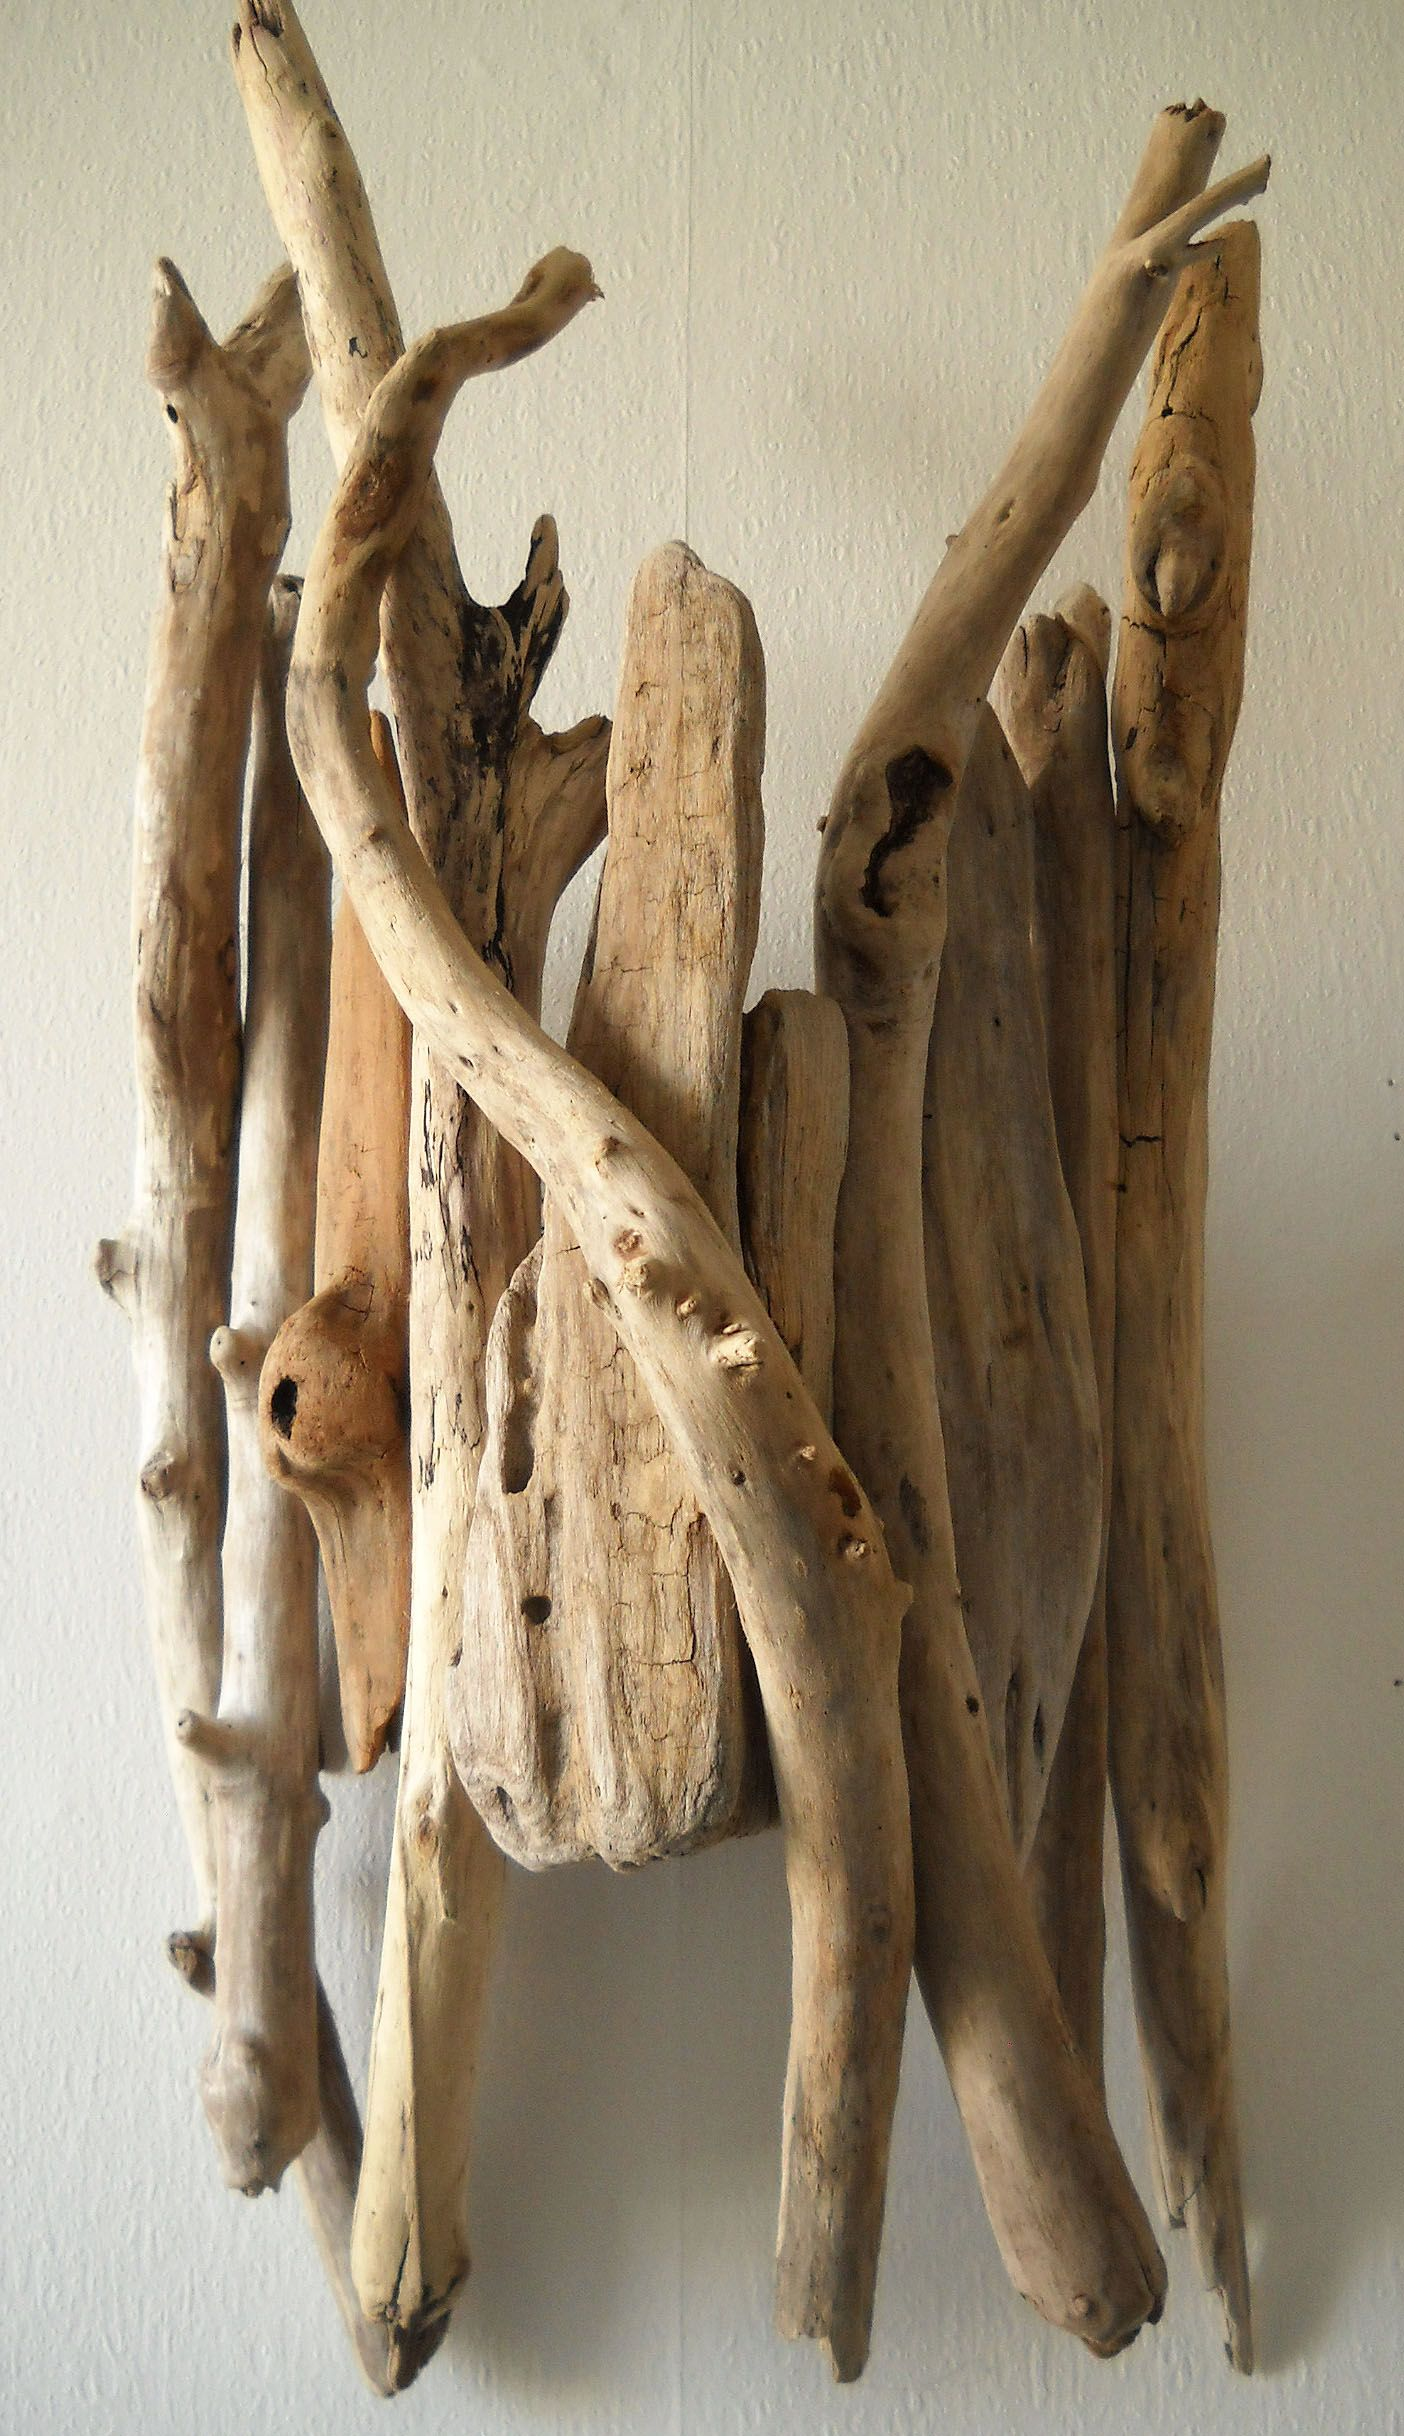 Fabriquer Une Applique En Bois applique n°21 | | au fil de l'eau - bois flotté | applique